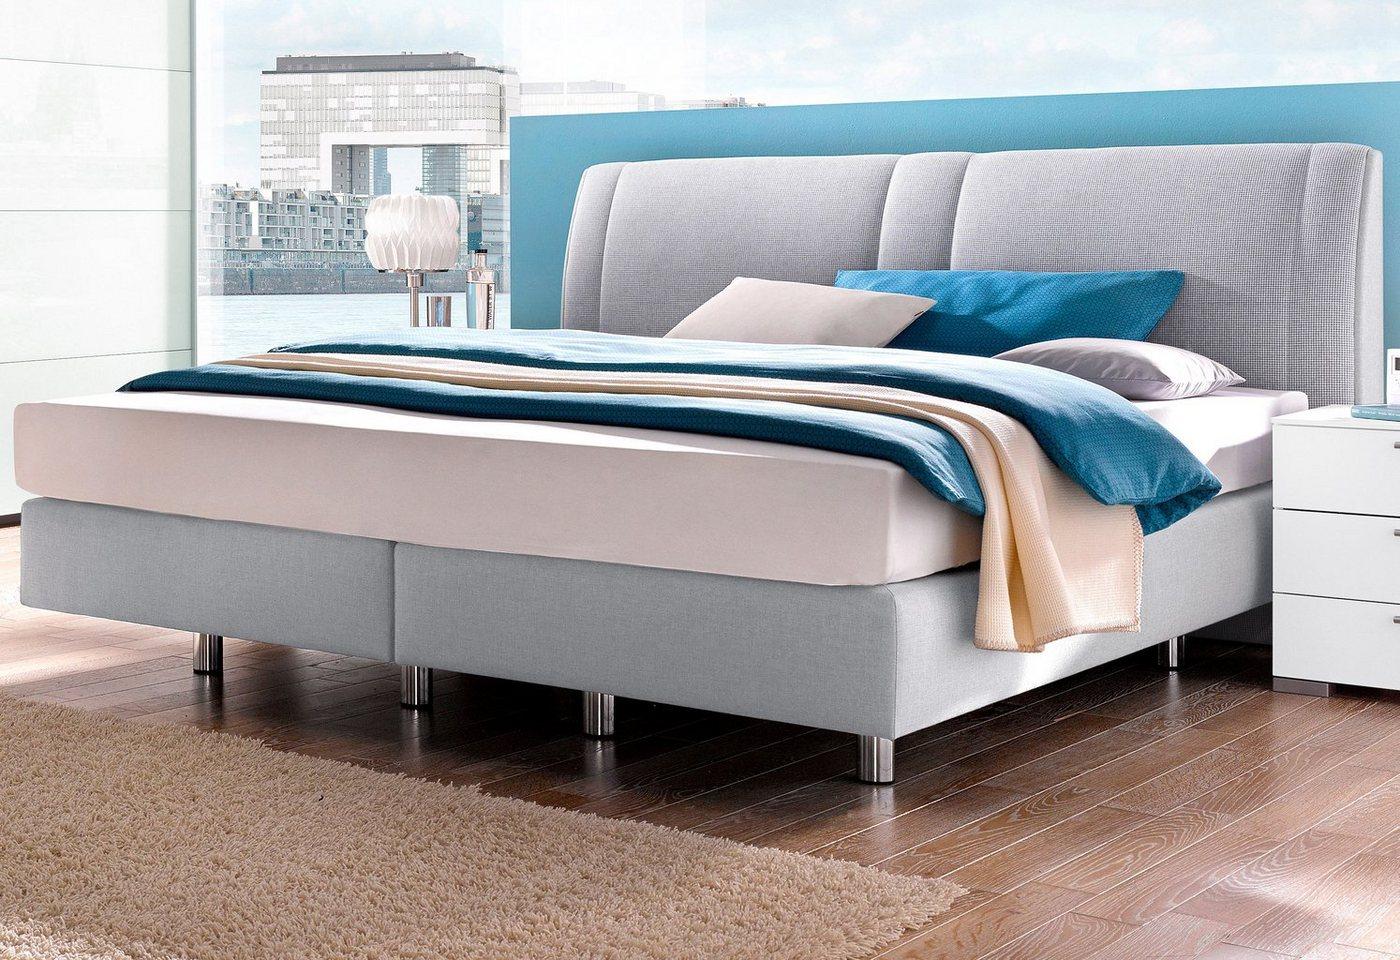 wohnwand mit bett preisvergleiche erfahrungsberichte. Black Bedroom Furniture Sets. Home Design Ideas